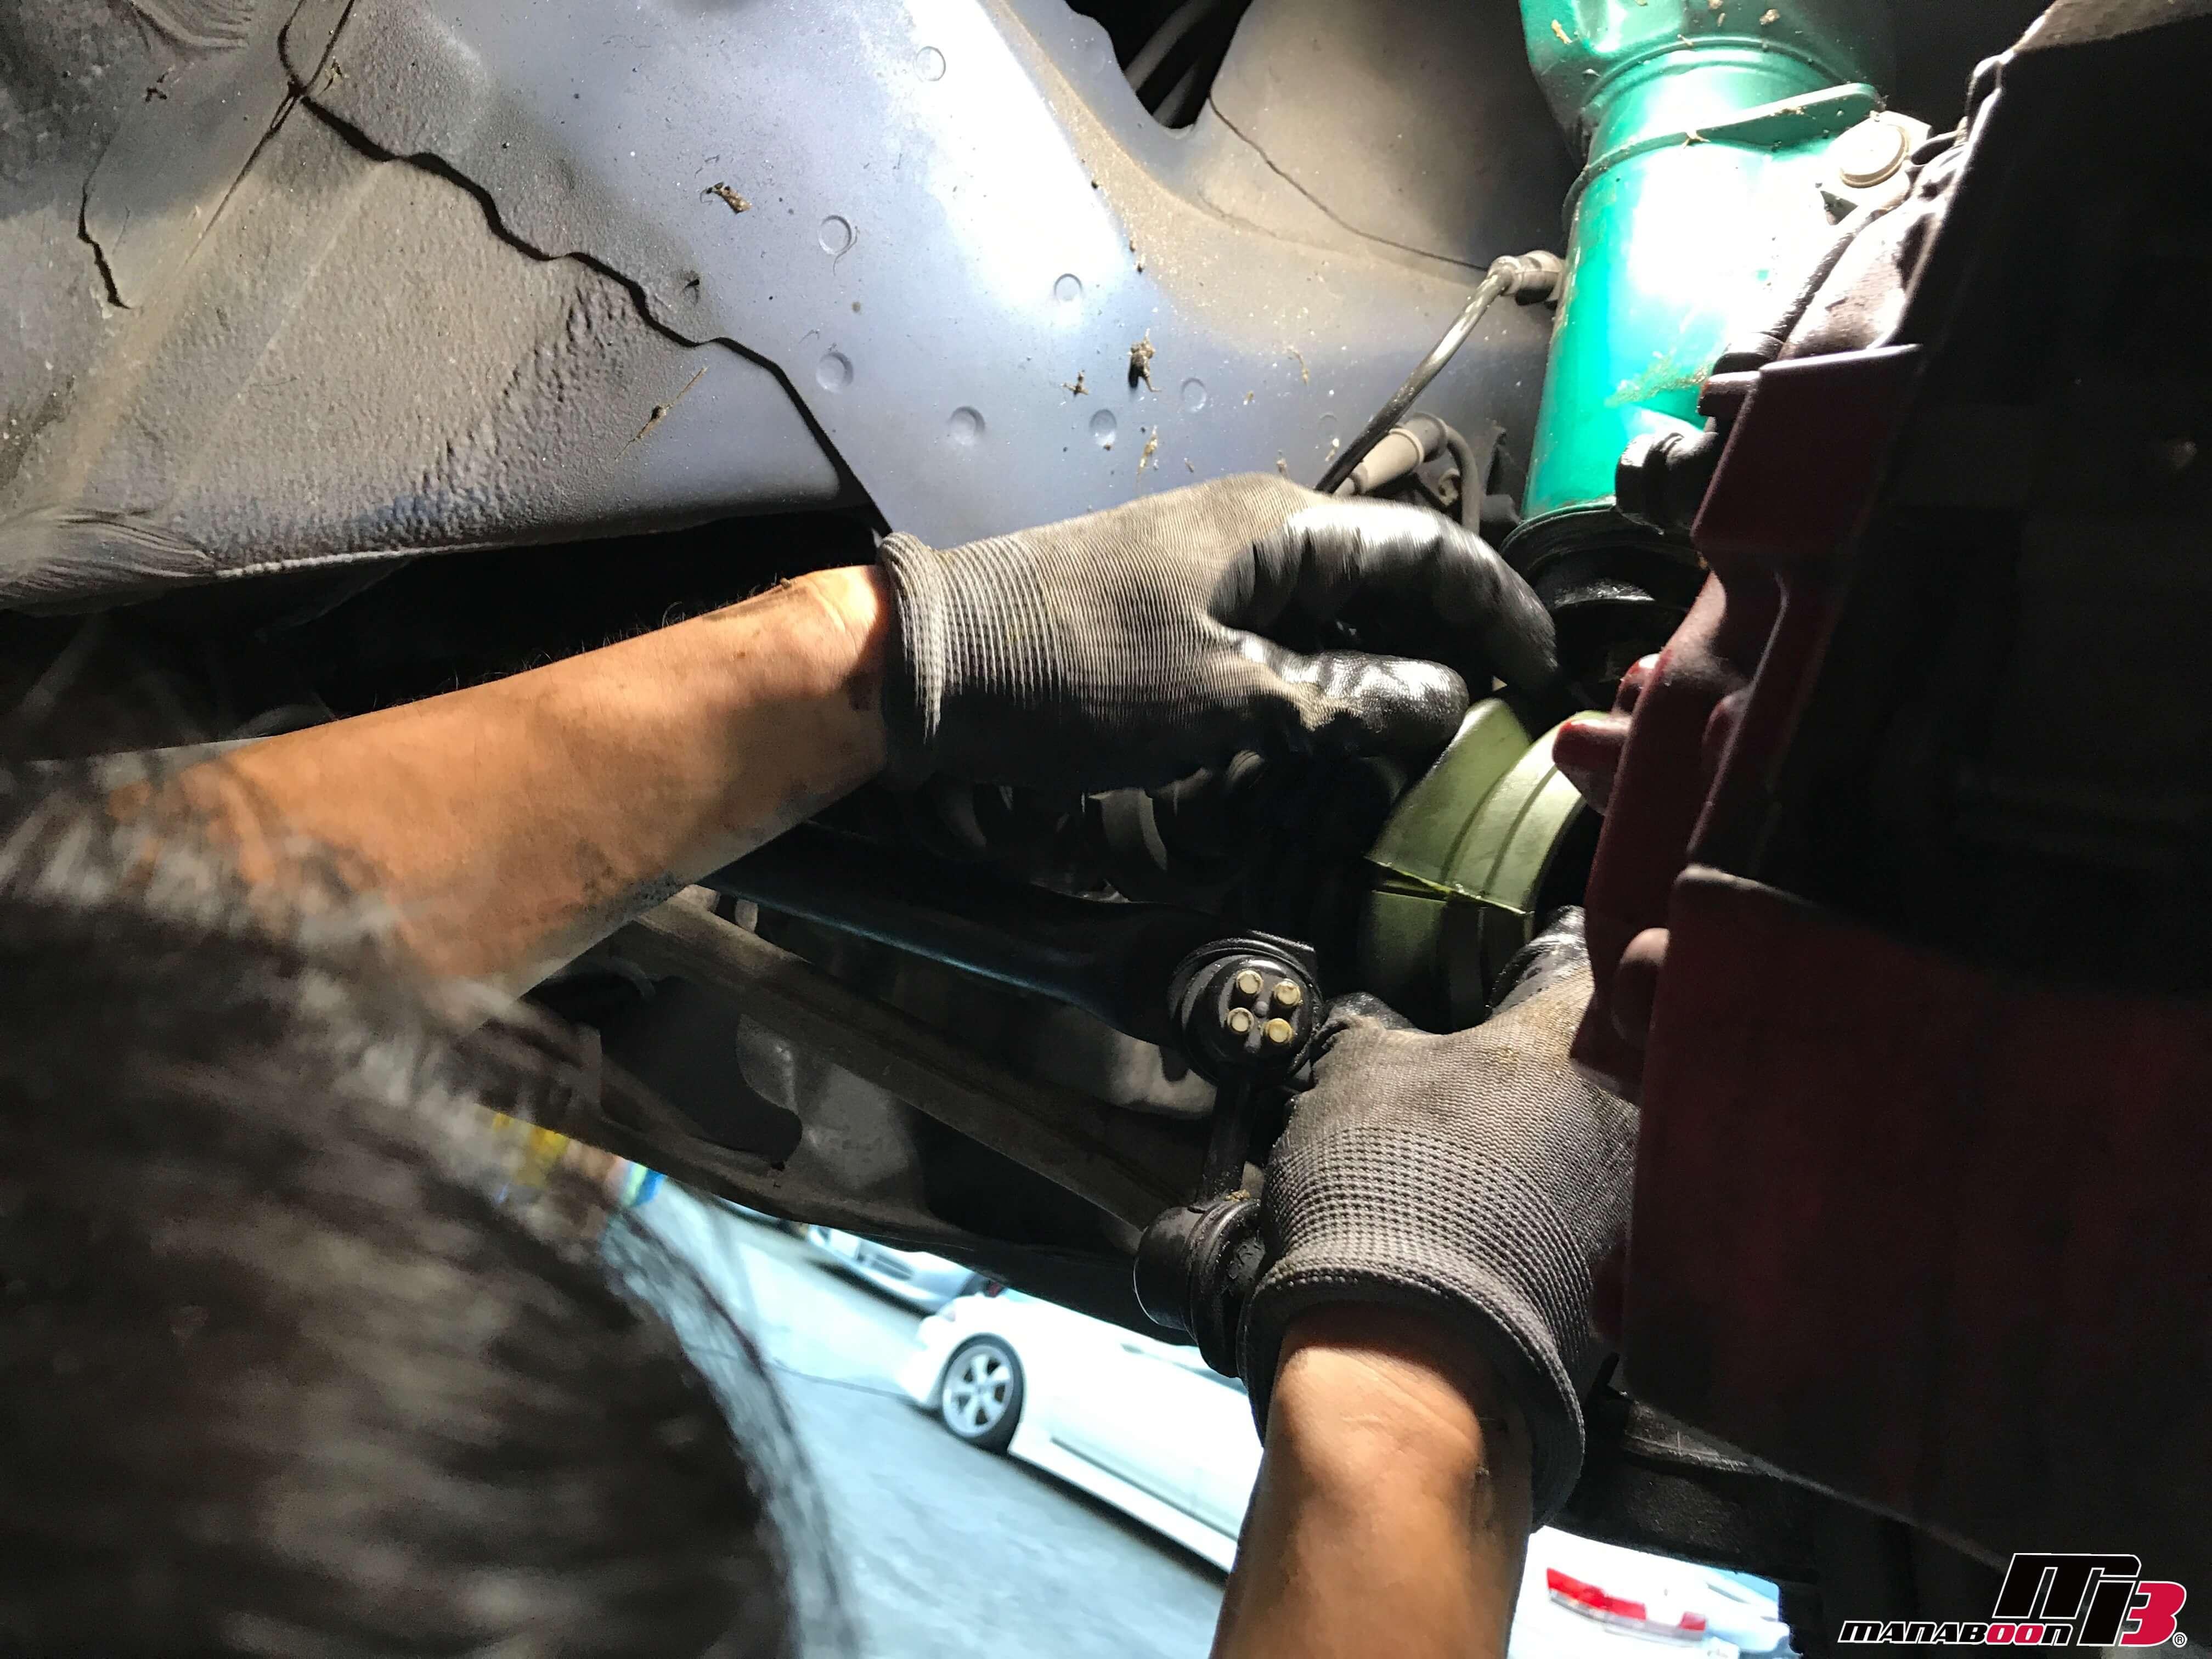 インテグラタイプR DC5ドラシャブーツ割れタイプ取り付け画像